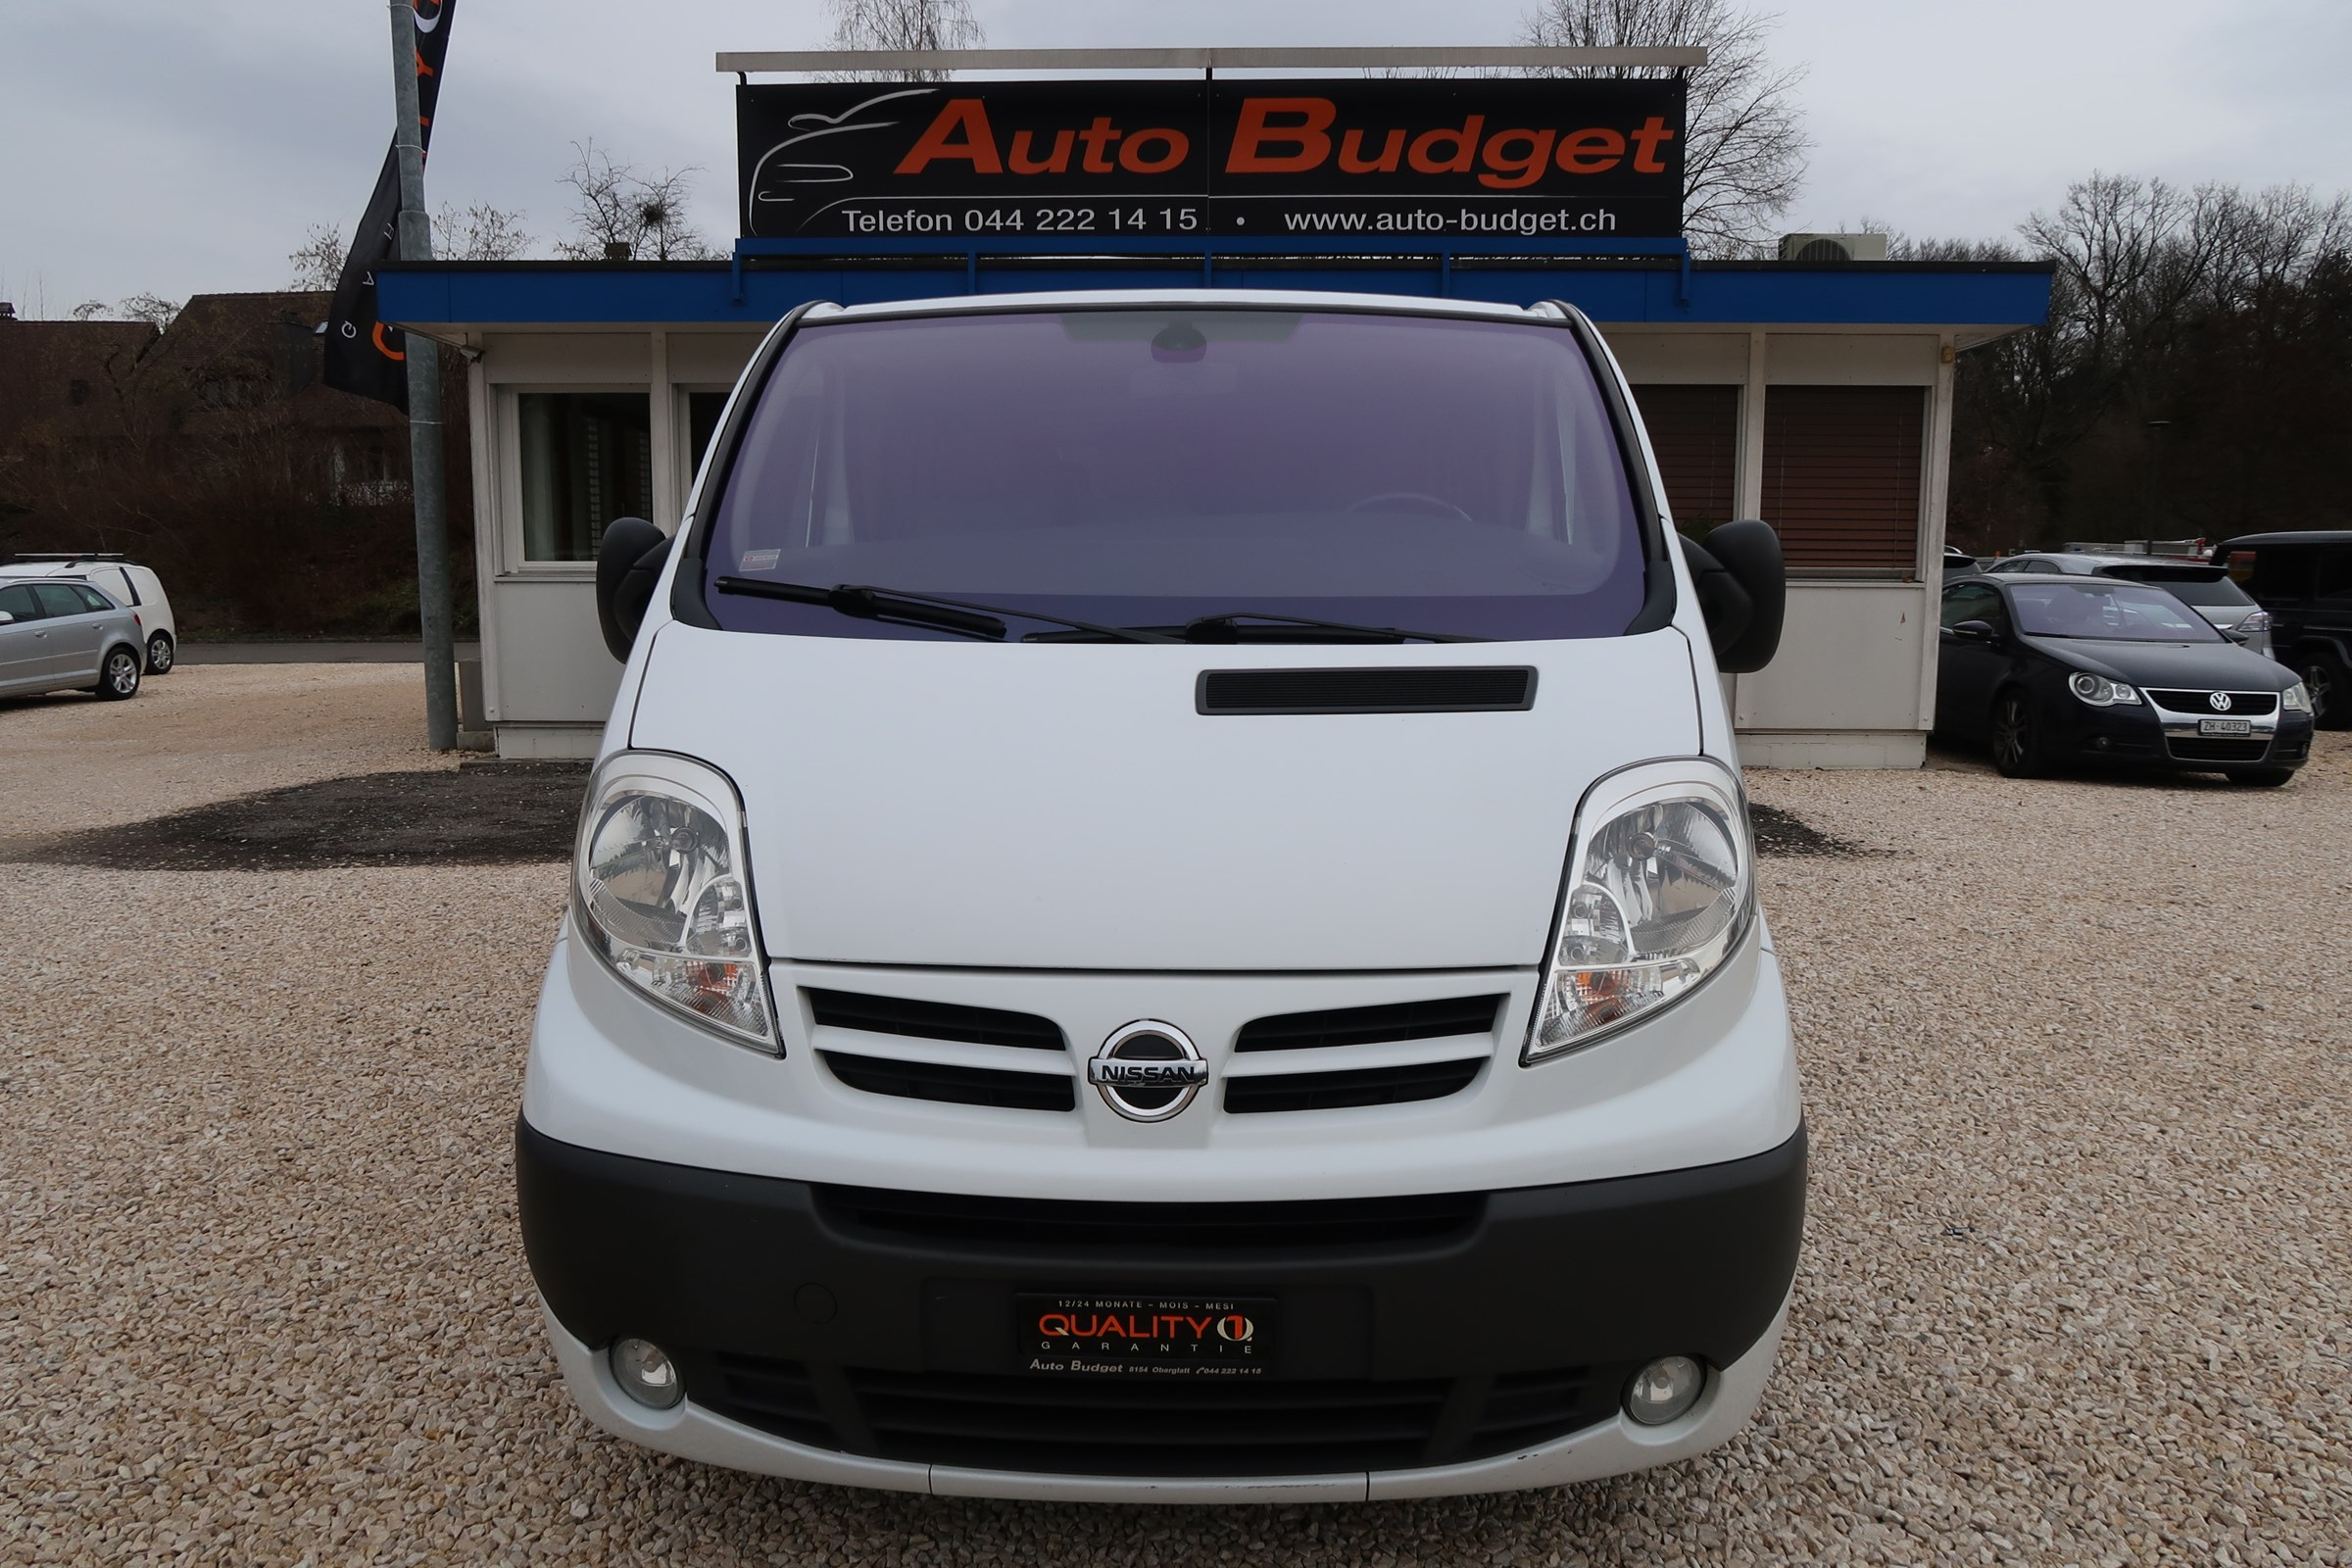 bus Nissan Primastar 2.0i 16V 120 Comfort 2.9t